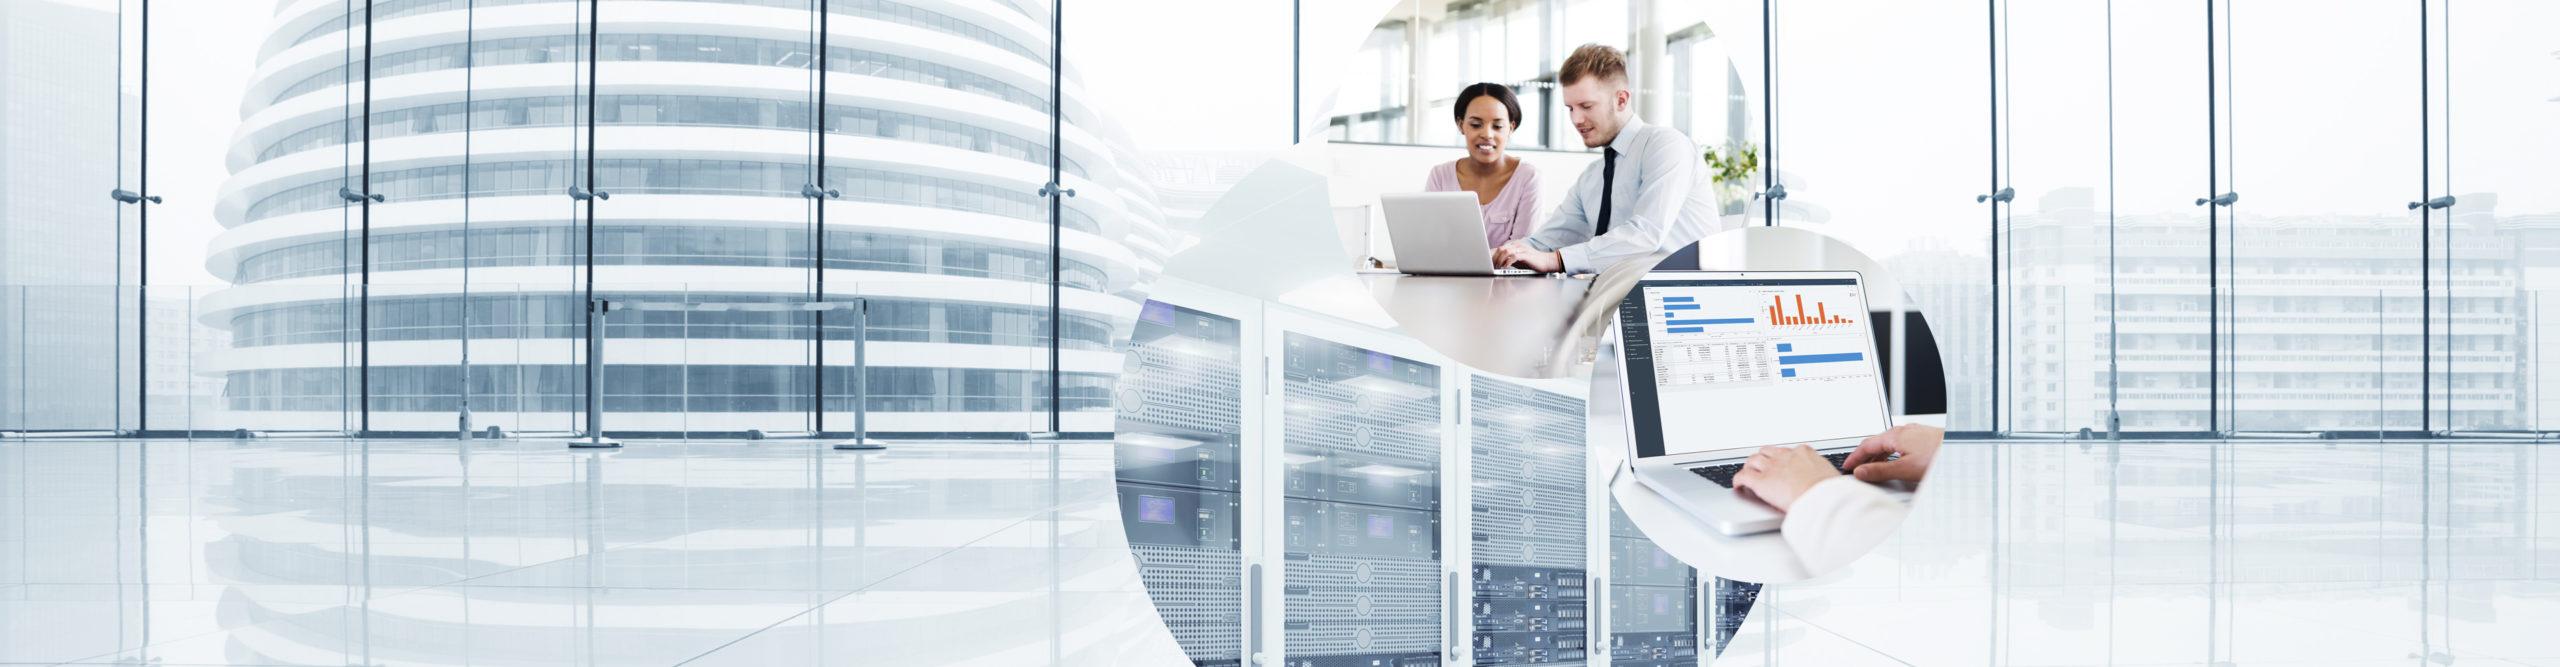 Jetzt mehr zu Komplexe Integrationsszenarien mit SAP EWM erfahren!